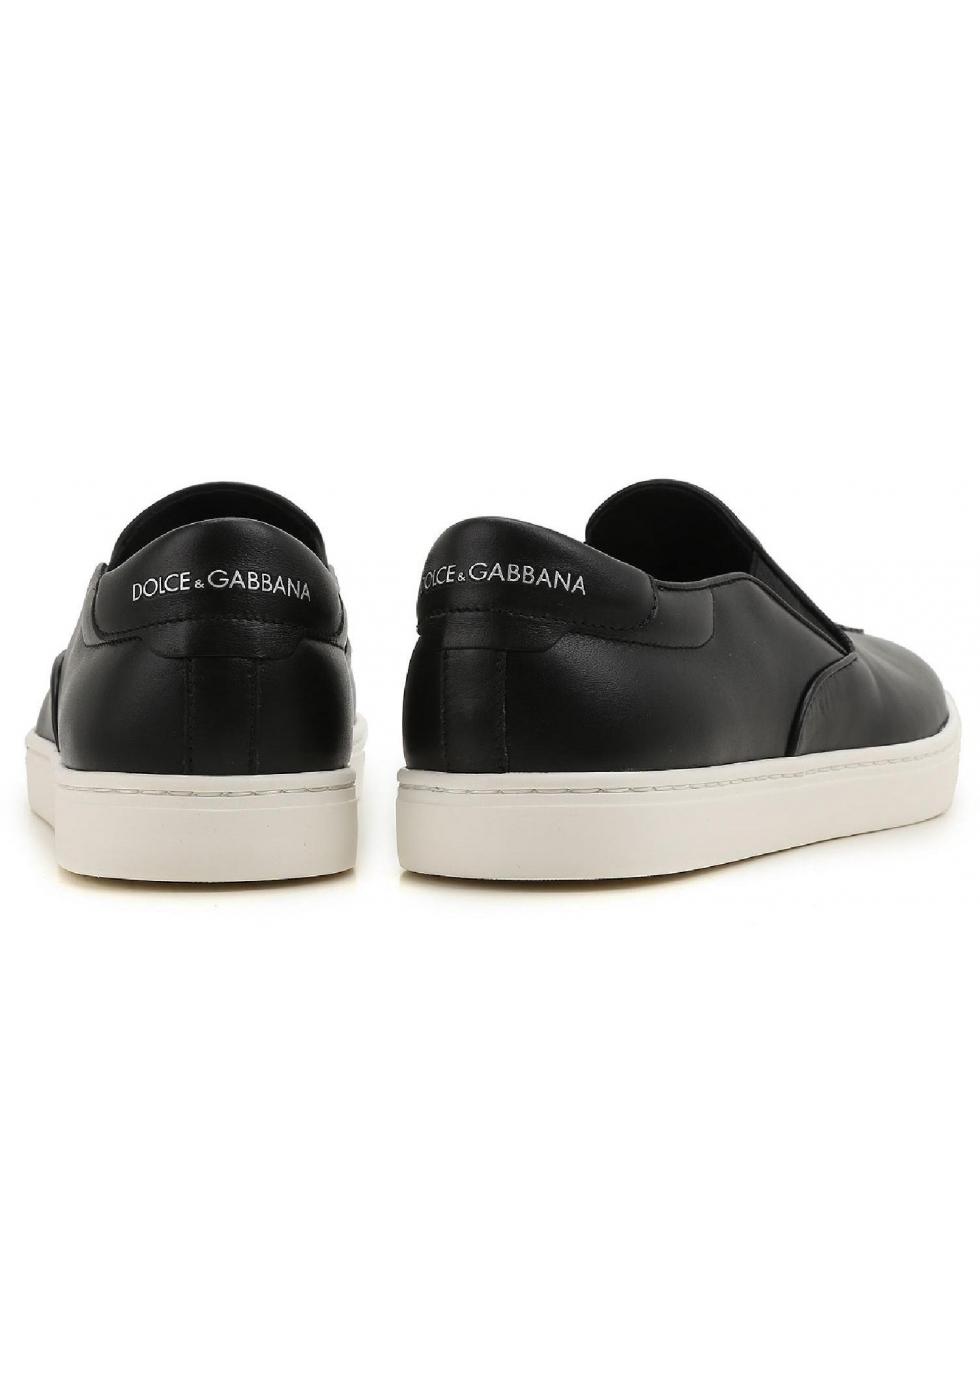 ... Dolce&Gabbana men's slip-ons in black Leather ...